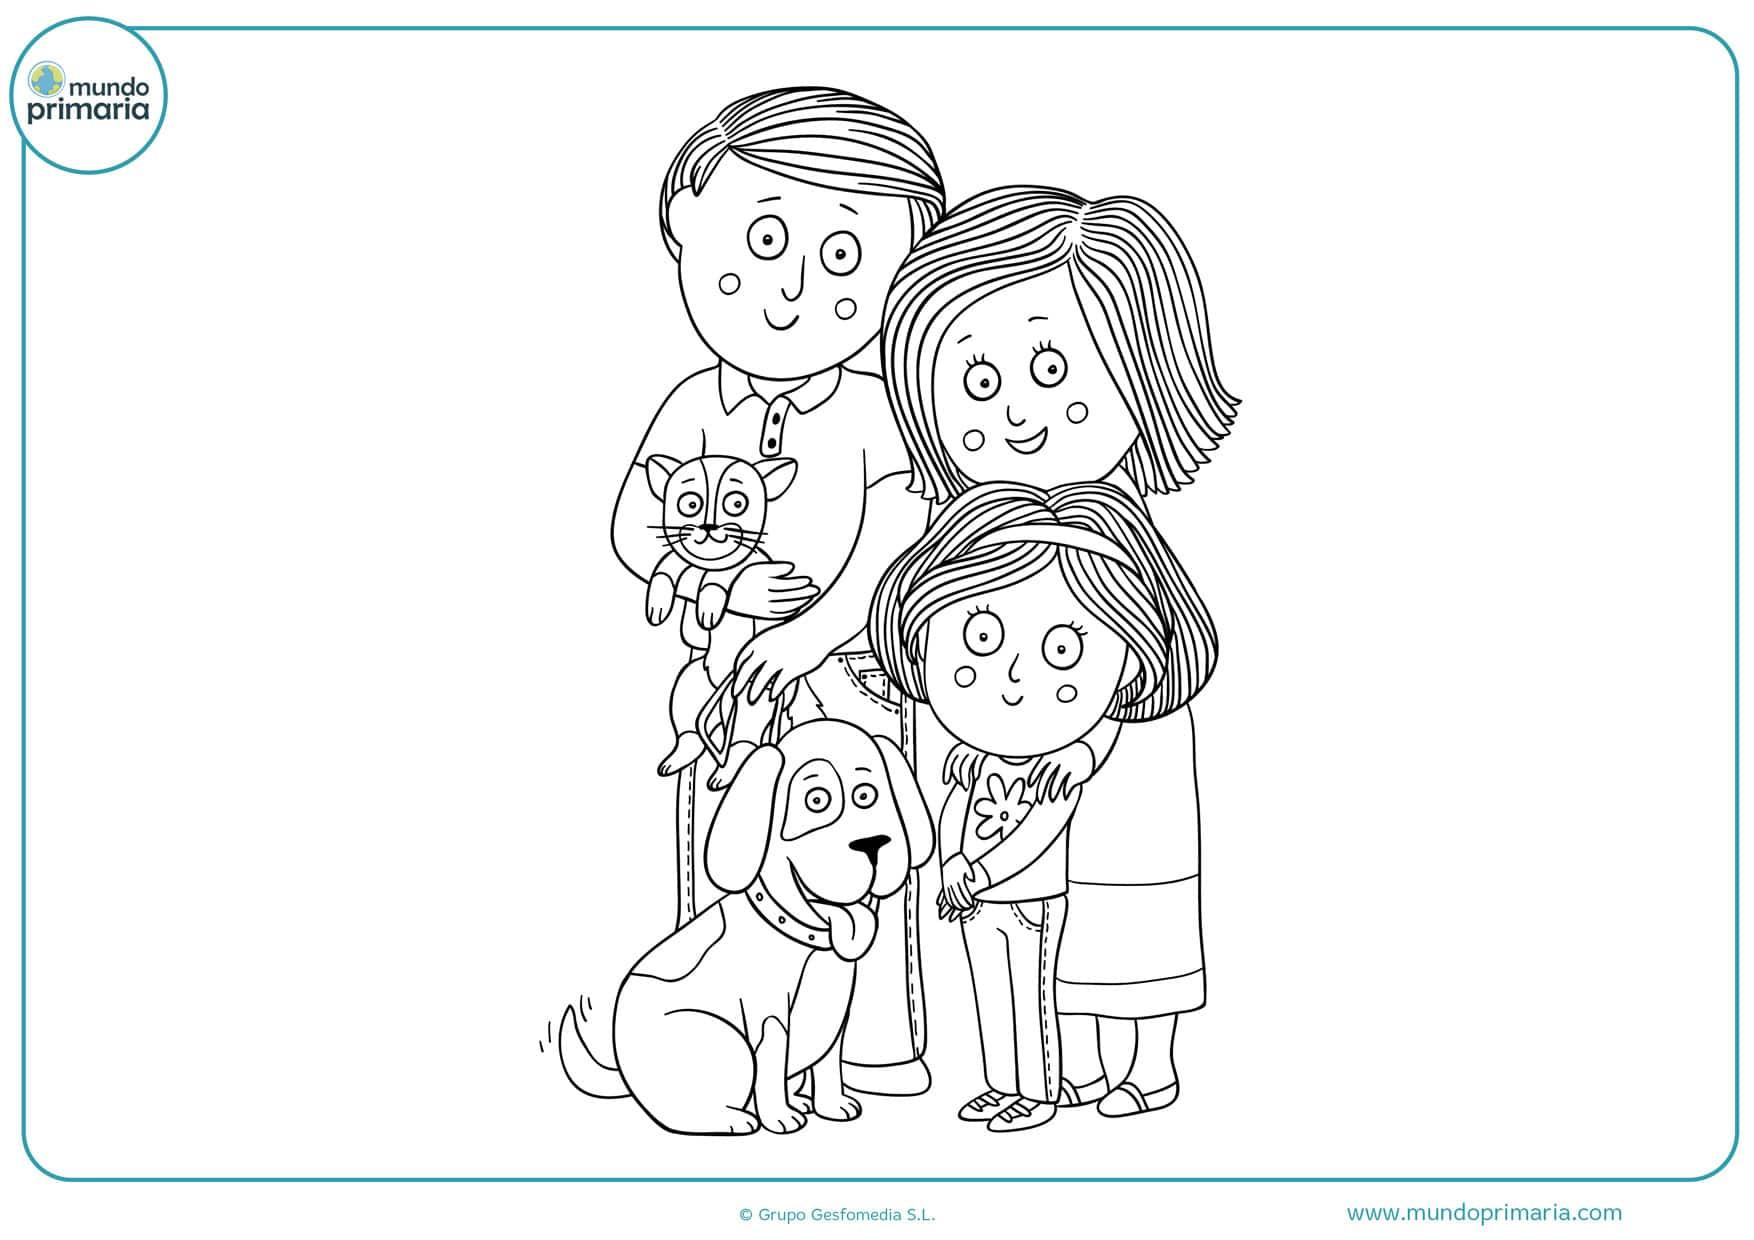 Dibujos De Personas Para Colorear Fáciles De Imprimir